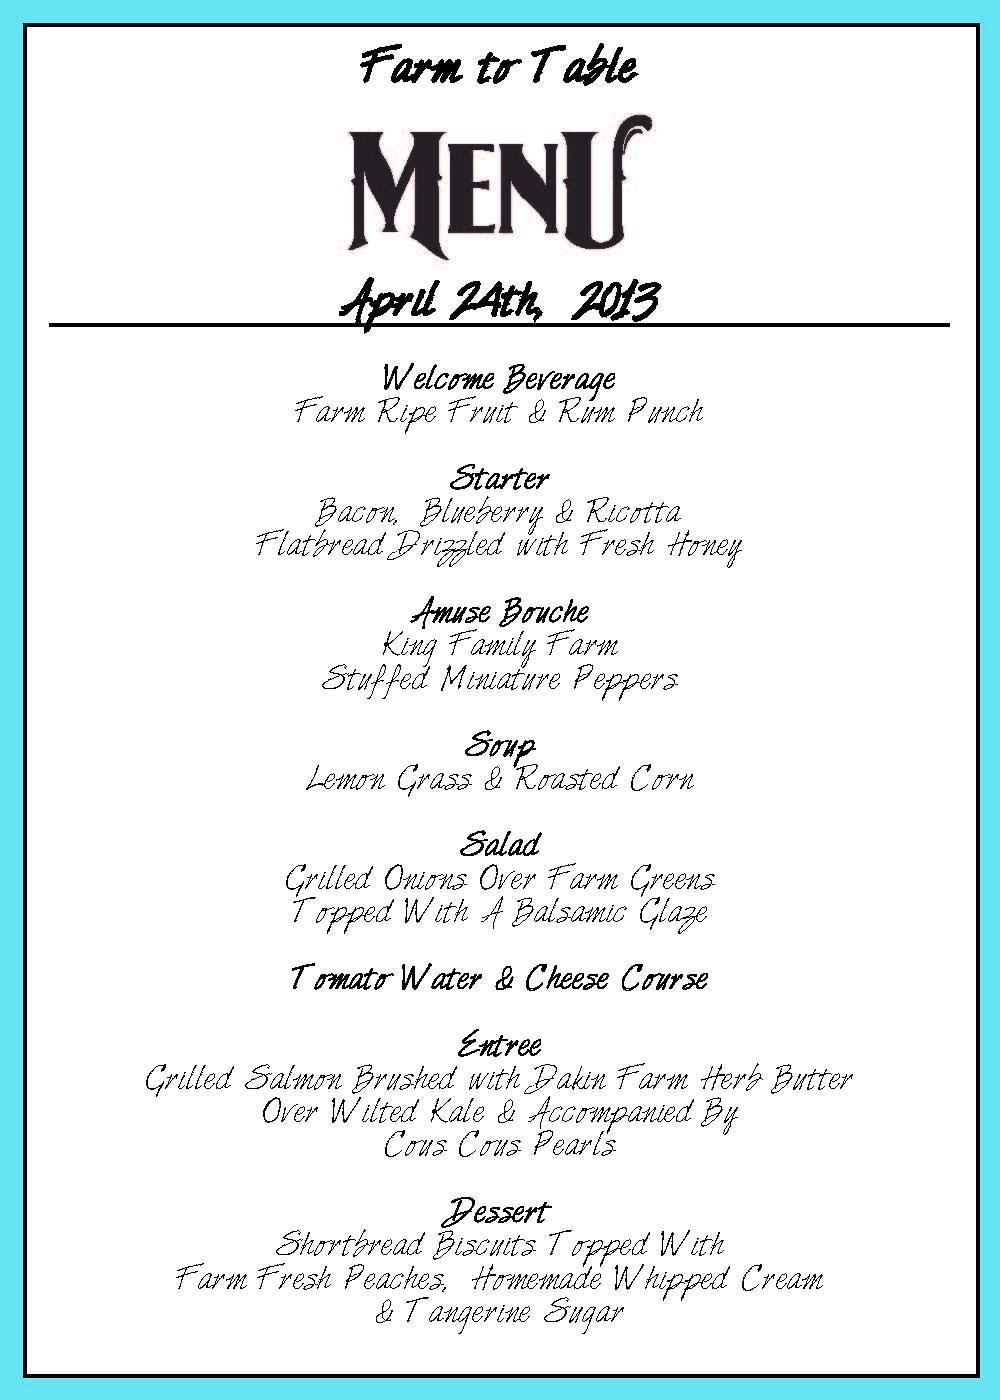 Menus Table To Farm - Table 24 menu